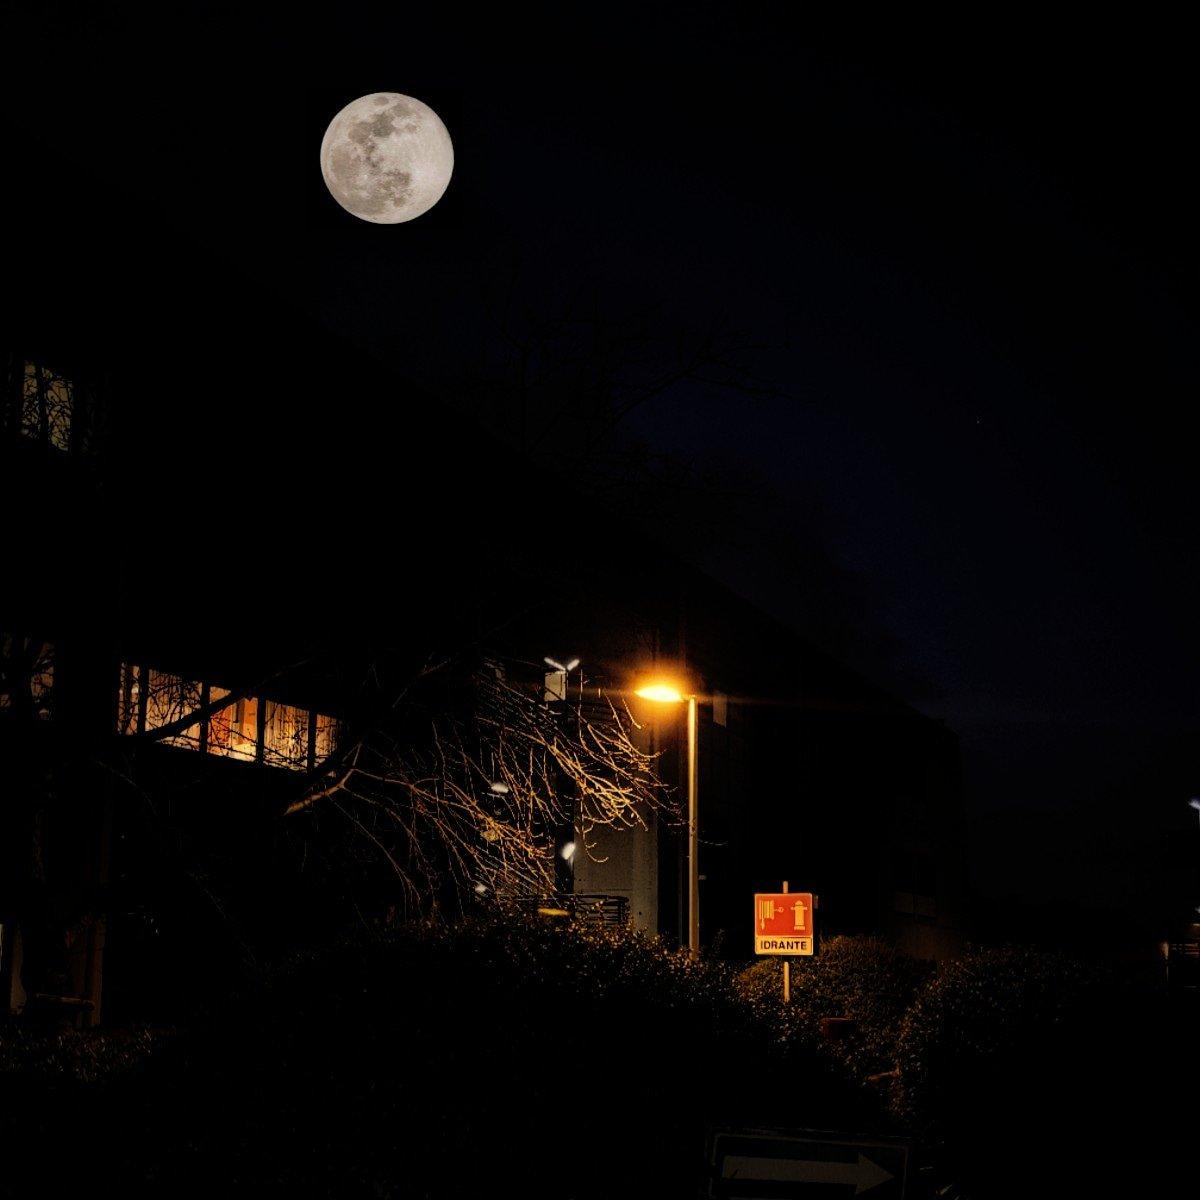 La luna veglia sul Centro Rai  #Rai #SaxaRubra #moon